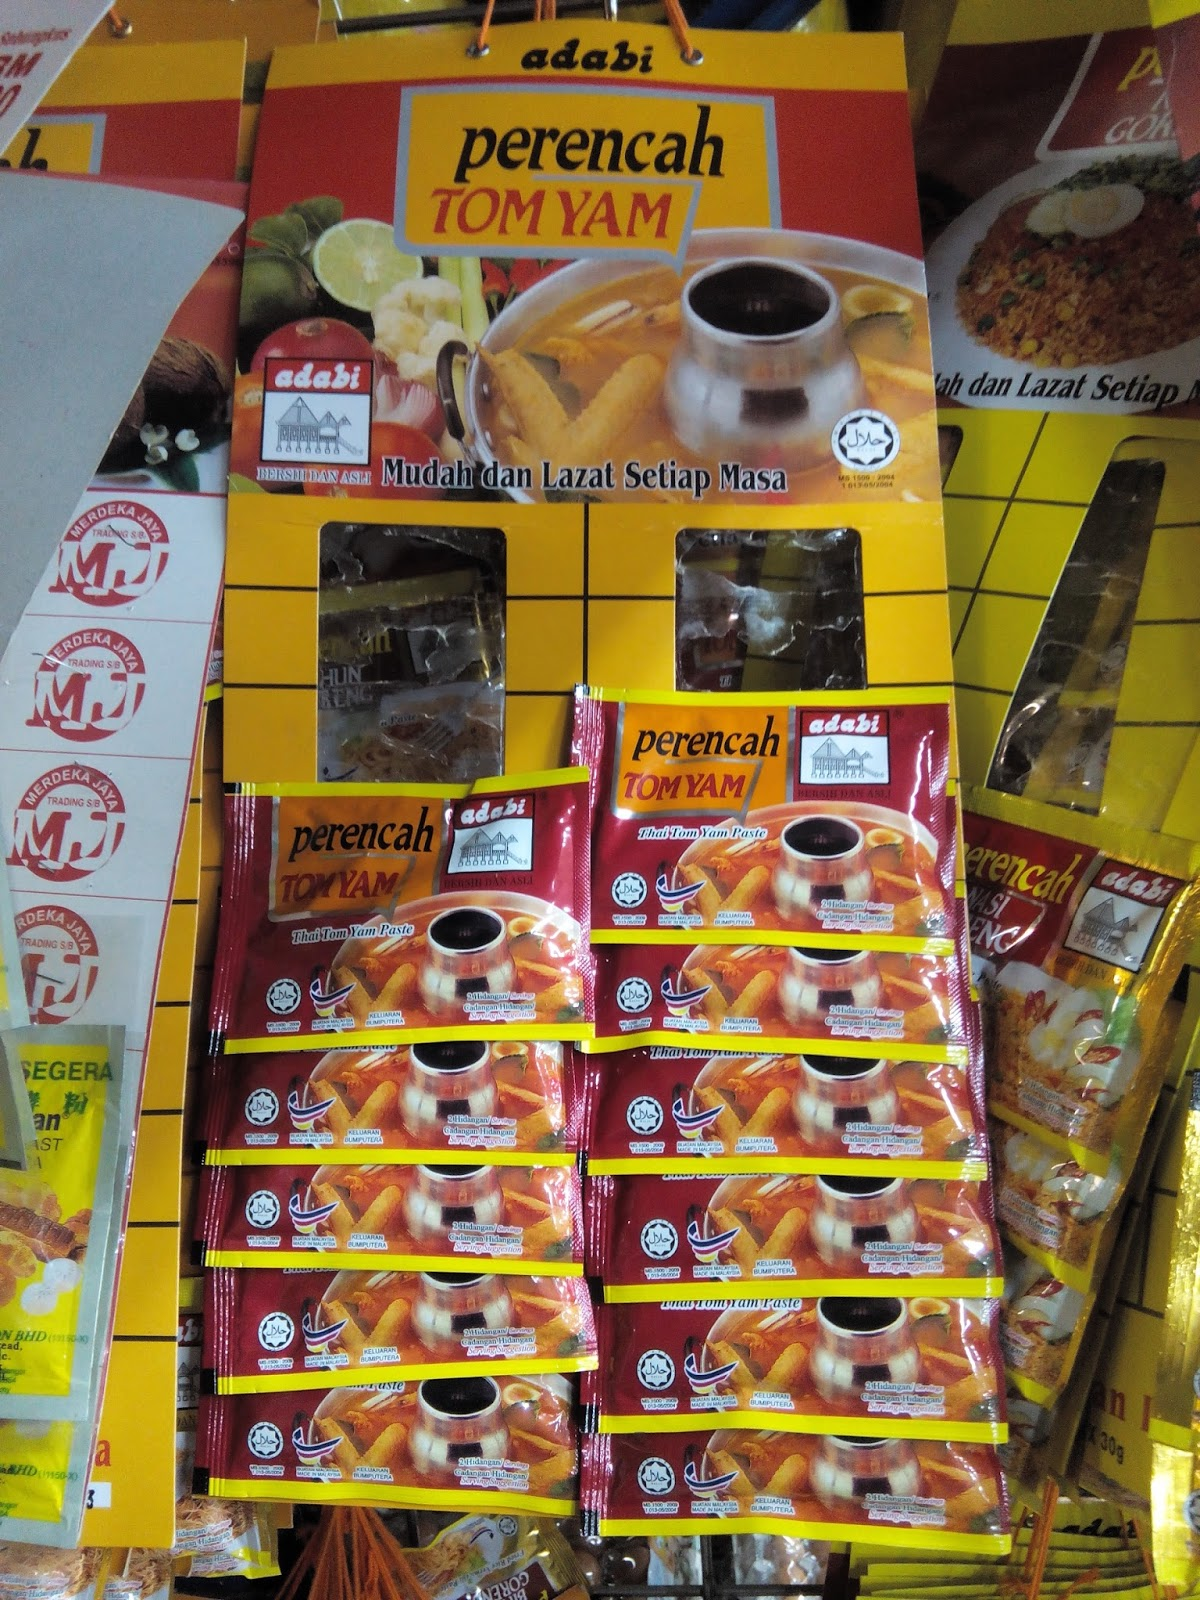 Produk Makanan - Perencah Bihun, Nasi Goreng Dan Tomyam Jenama Adabi - Pemborong Dan Pengedar